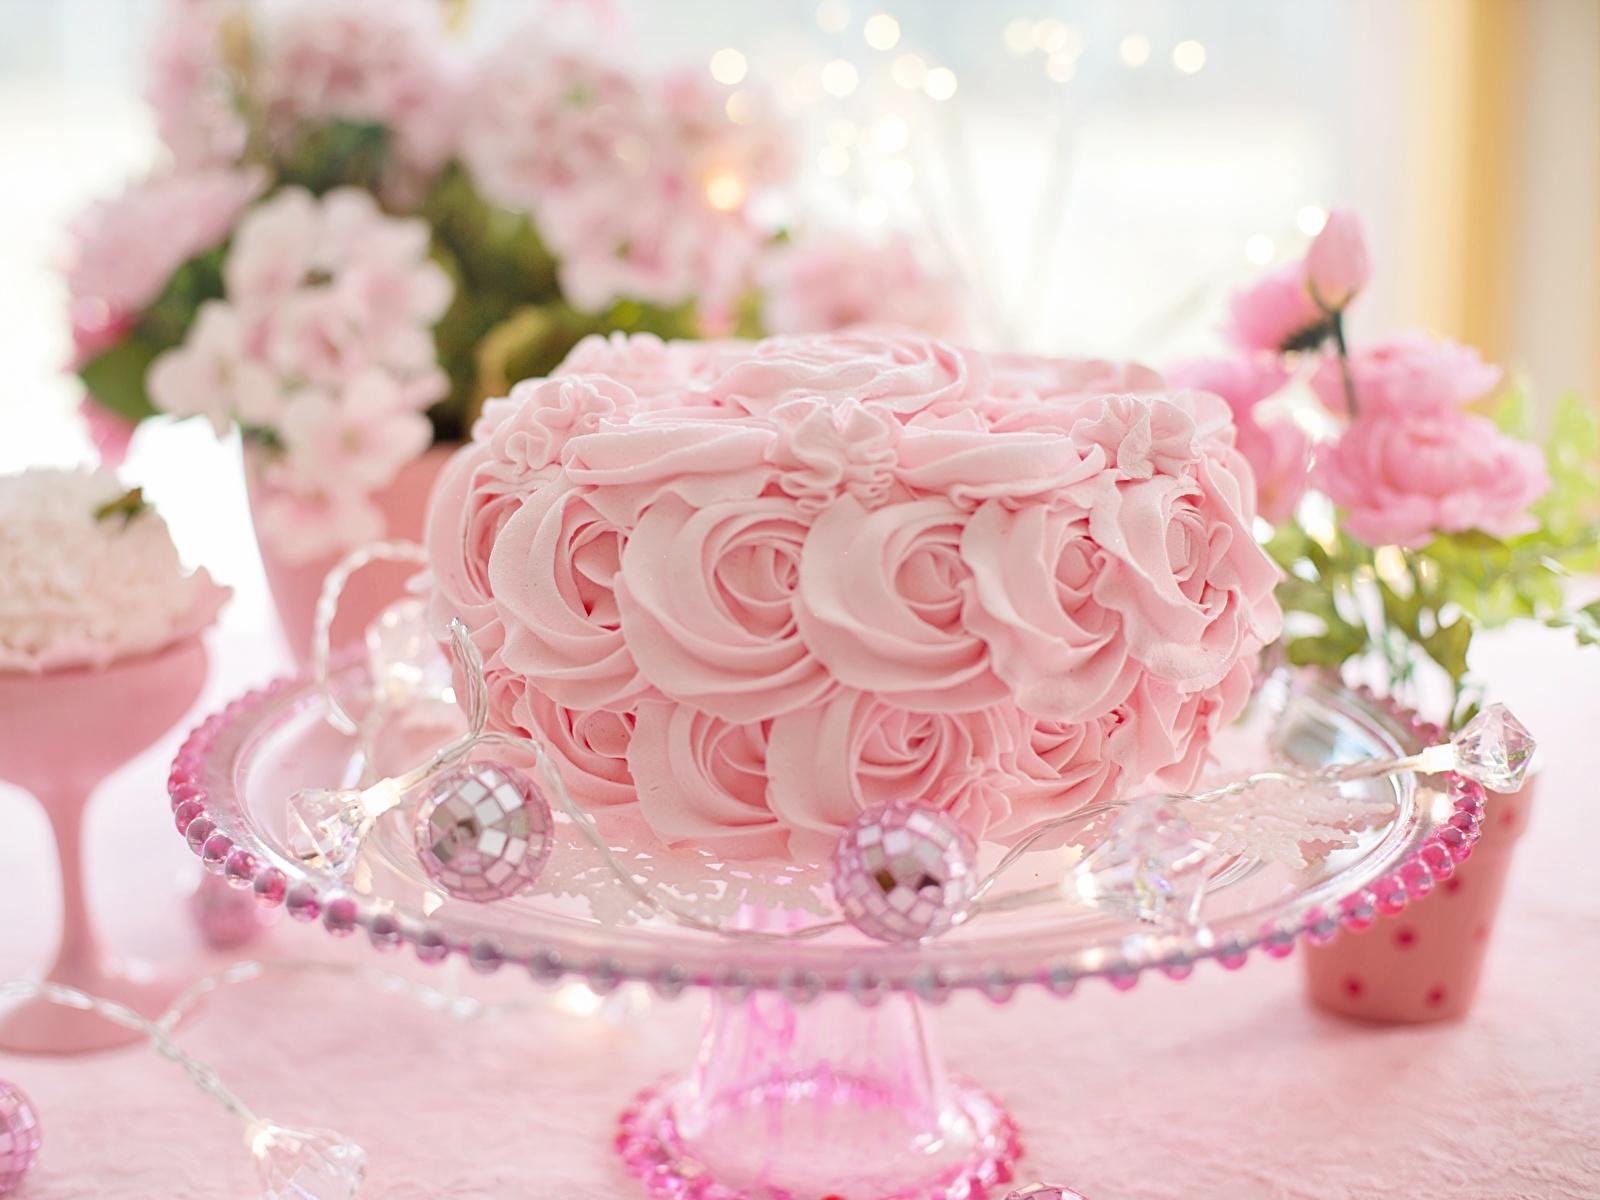 Картинки Торты розовых Еда Дизайн 1600x1200 Розовый розовые розовая Пища Продукты питания дизайна